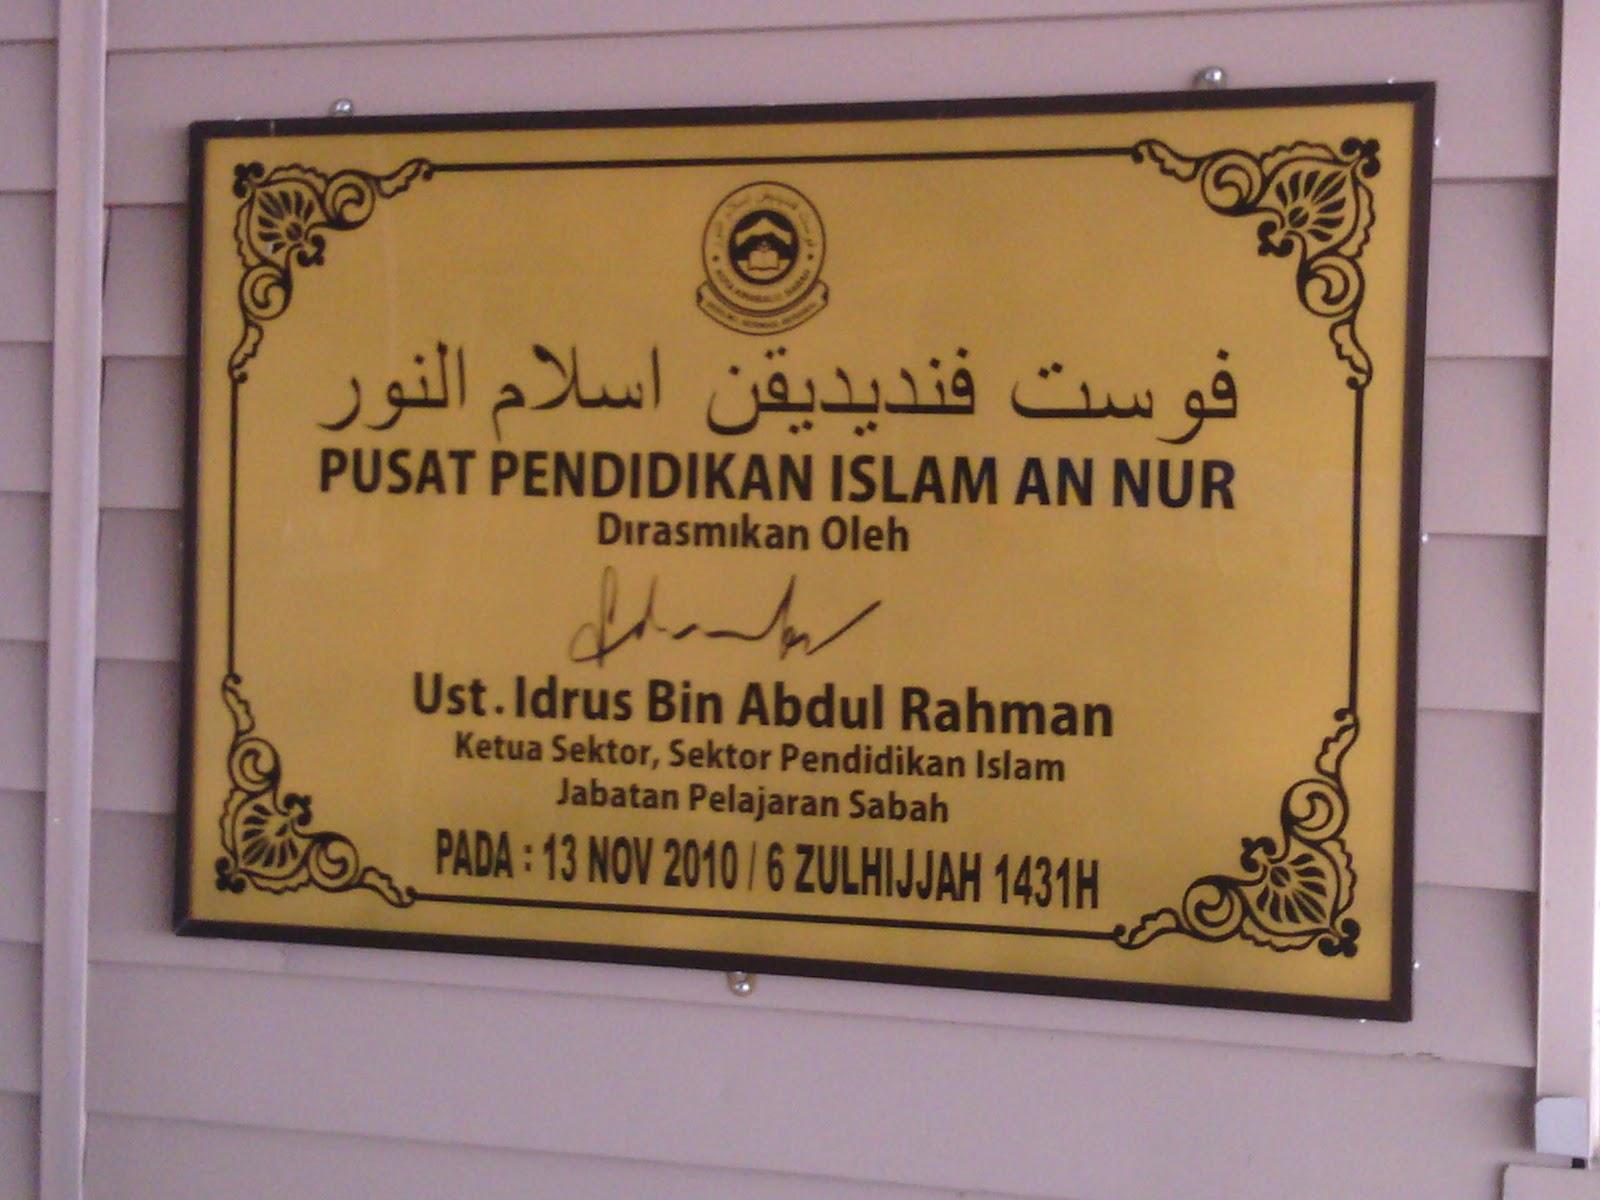 Pusat Pendidikan Islam An Nur Kenali Pusat Pendidikan Islam An Nur Tahfiz